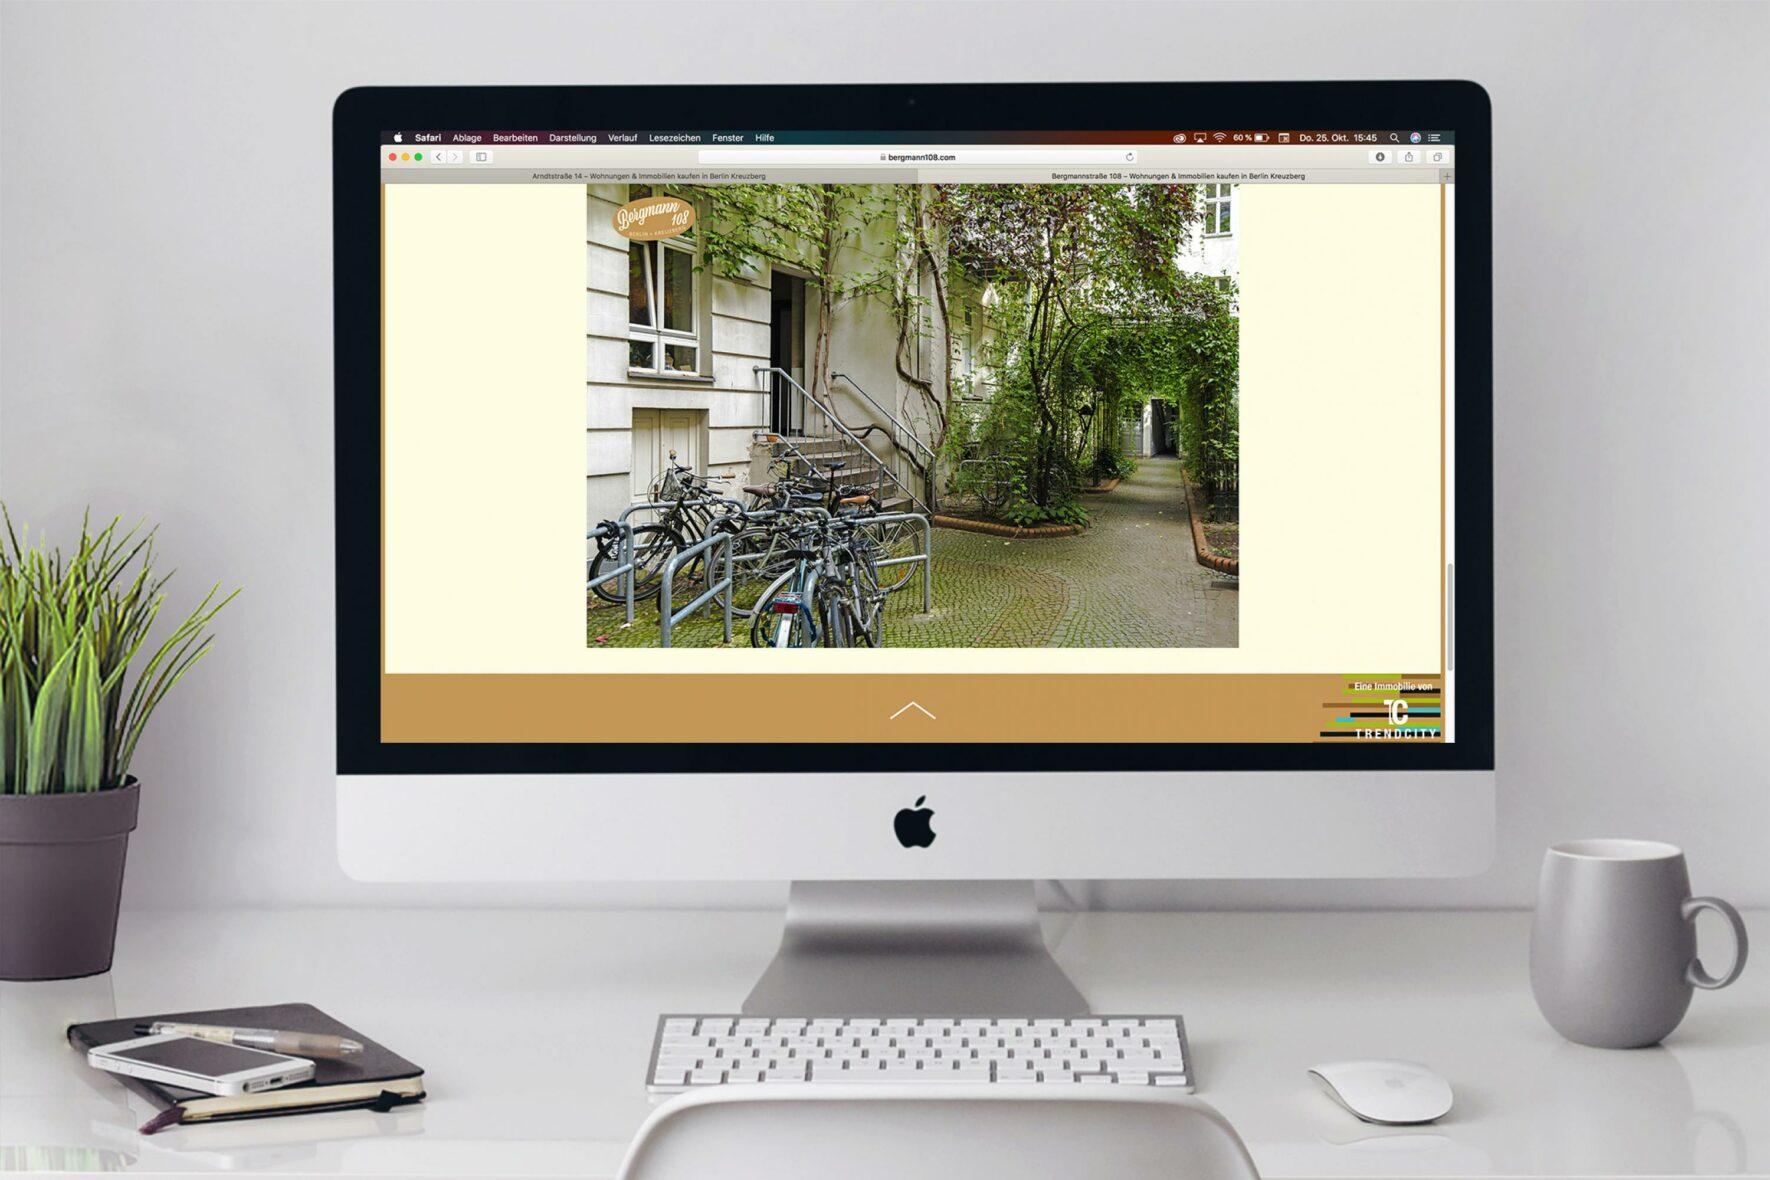 Webiste-Objekte-Branding-Trendcity-Immobilien-Corporate-design-bergmann-3 Kopie